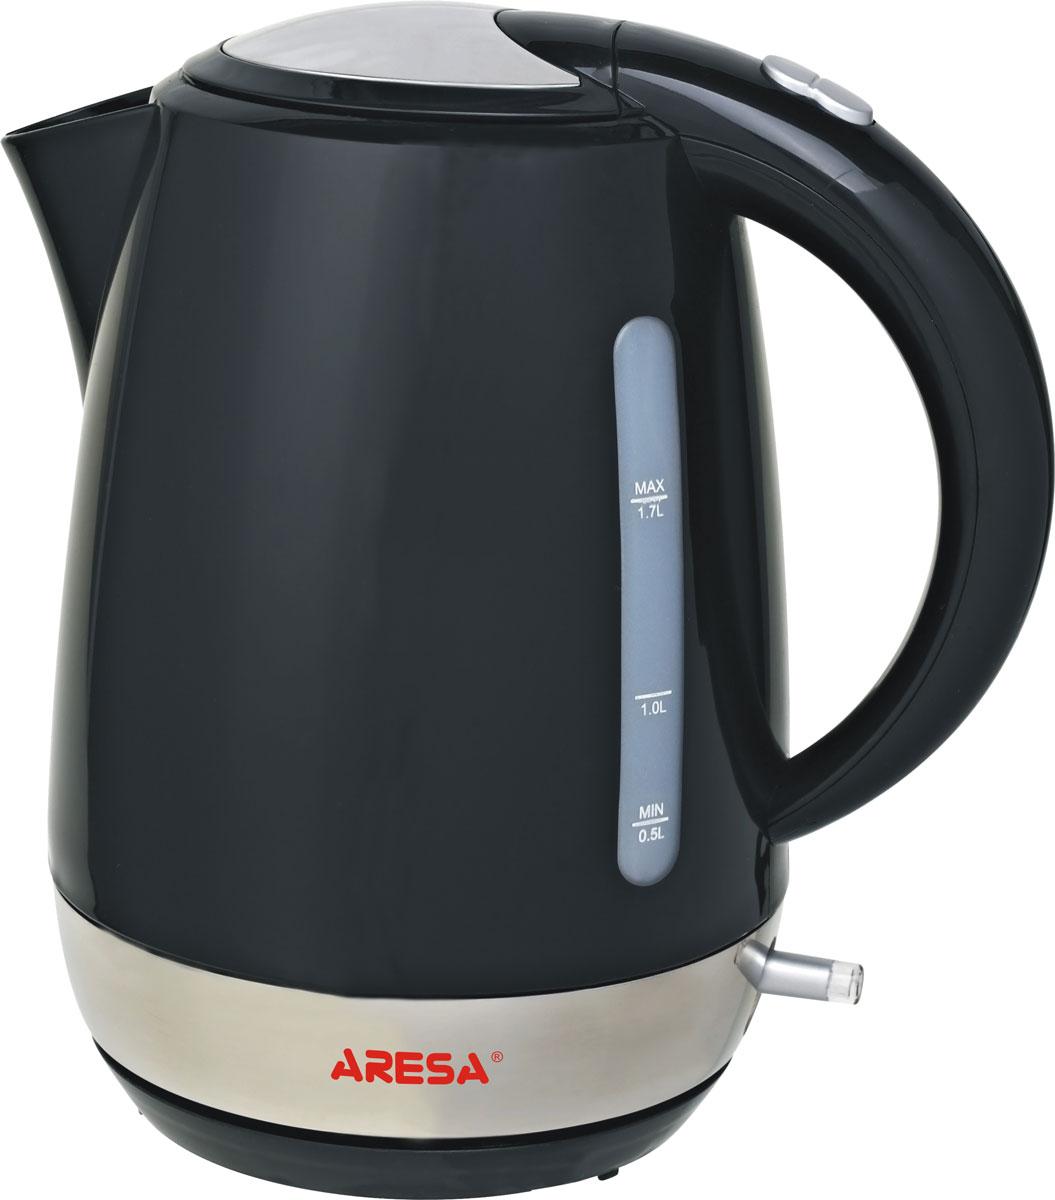 Aresa AR-3422 чайник электрическийAR-3422Надежный электрический чайник Aresa AR-3422 в корпусе из качественного пластика. Прибор оснащен скрытымнагревательным элементом и позволяет вскипятить до 1,7 литра воды за 3-5 минут. Данная модель оснащенасветоиндикатором работы, поворотной подставкой с вращением на 360° и фильтром от накипи. Для обеспечения безопасностипри повседневном использовании предусмотрены функция автовыключения, защита от перегрева, а такжеблокировка включения без воды.